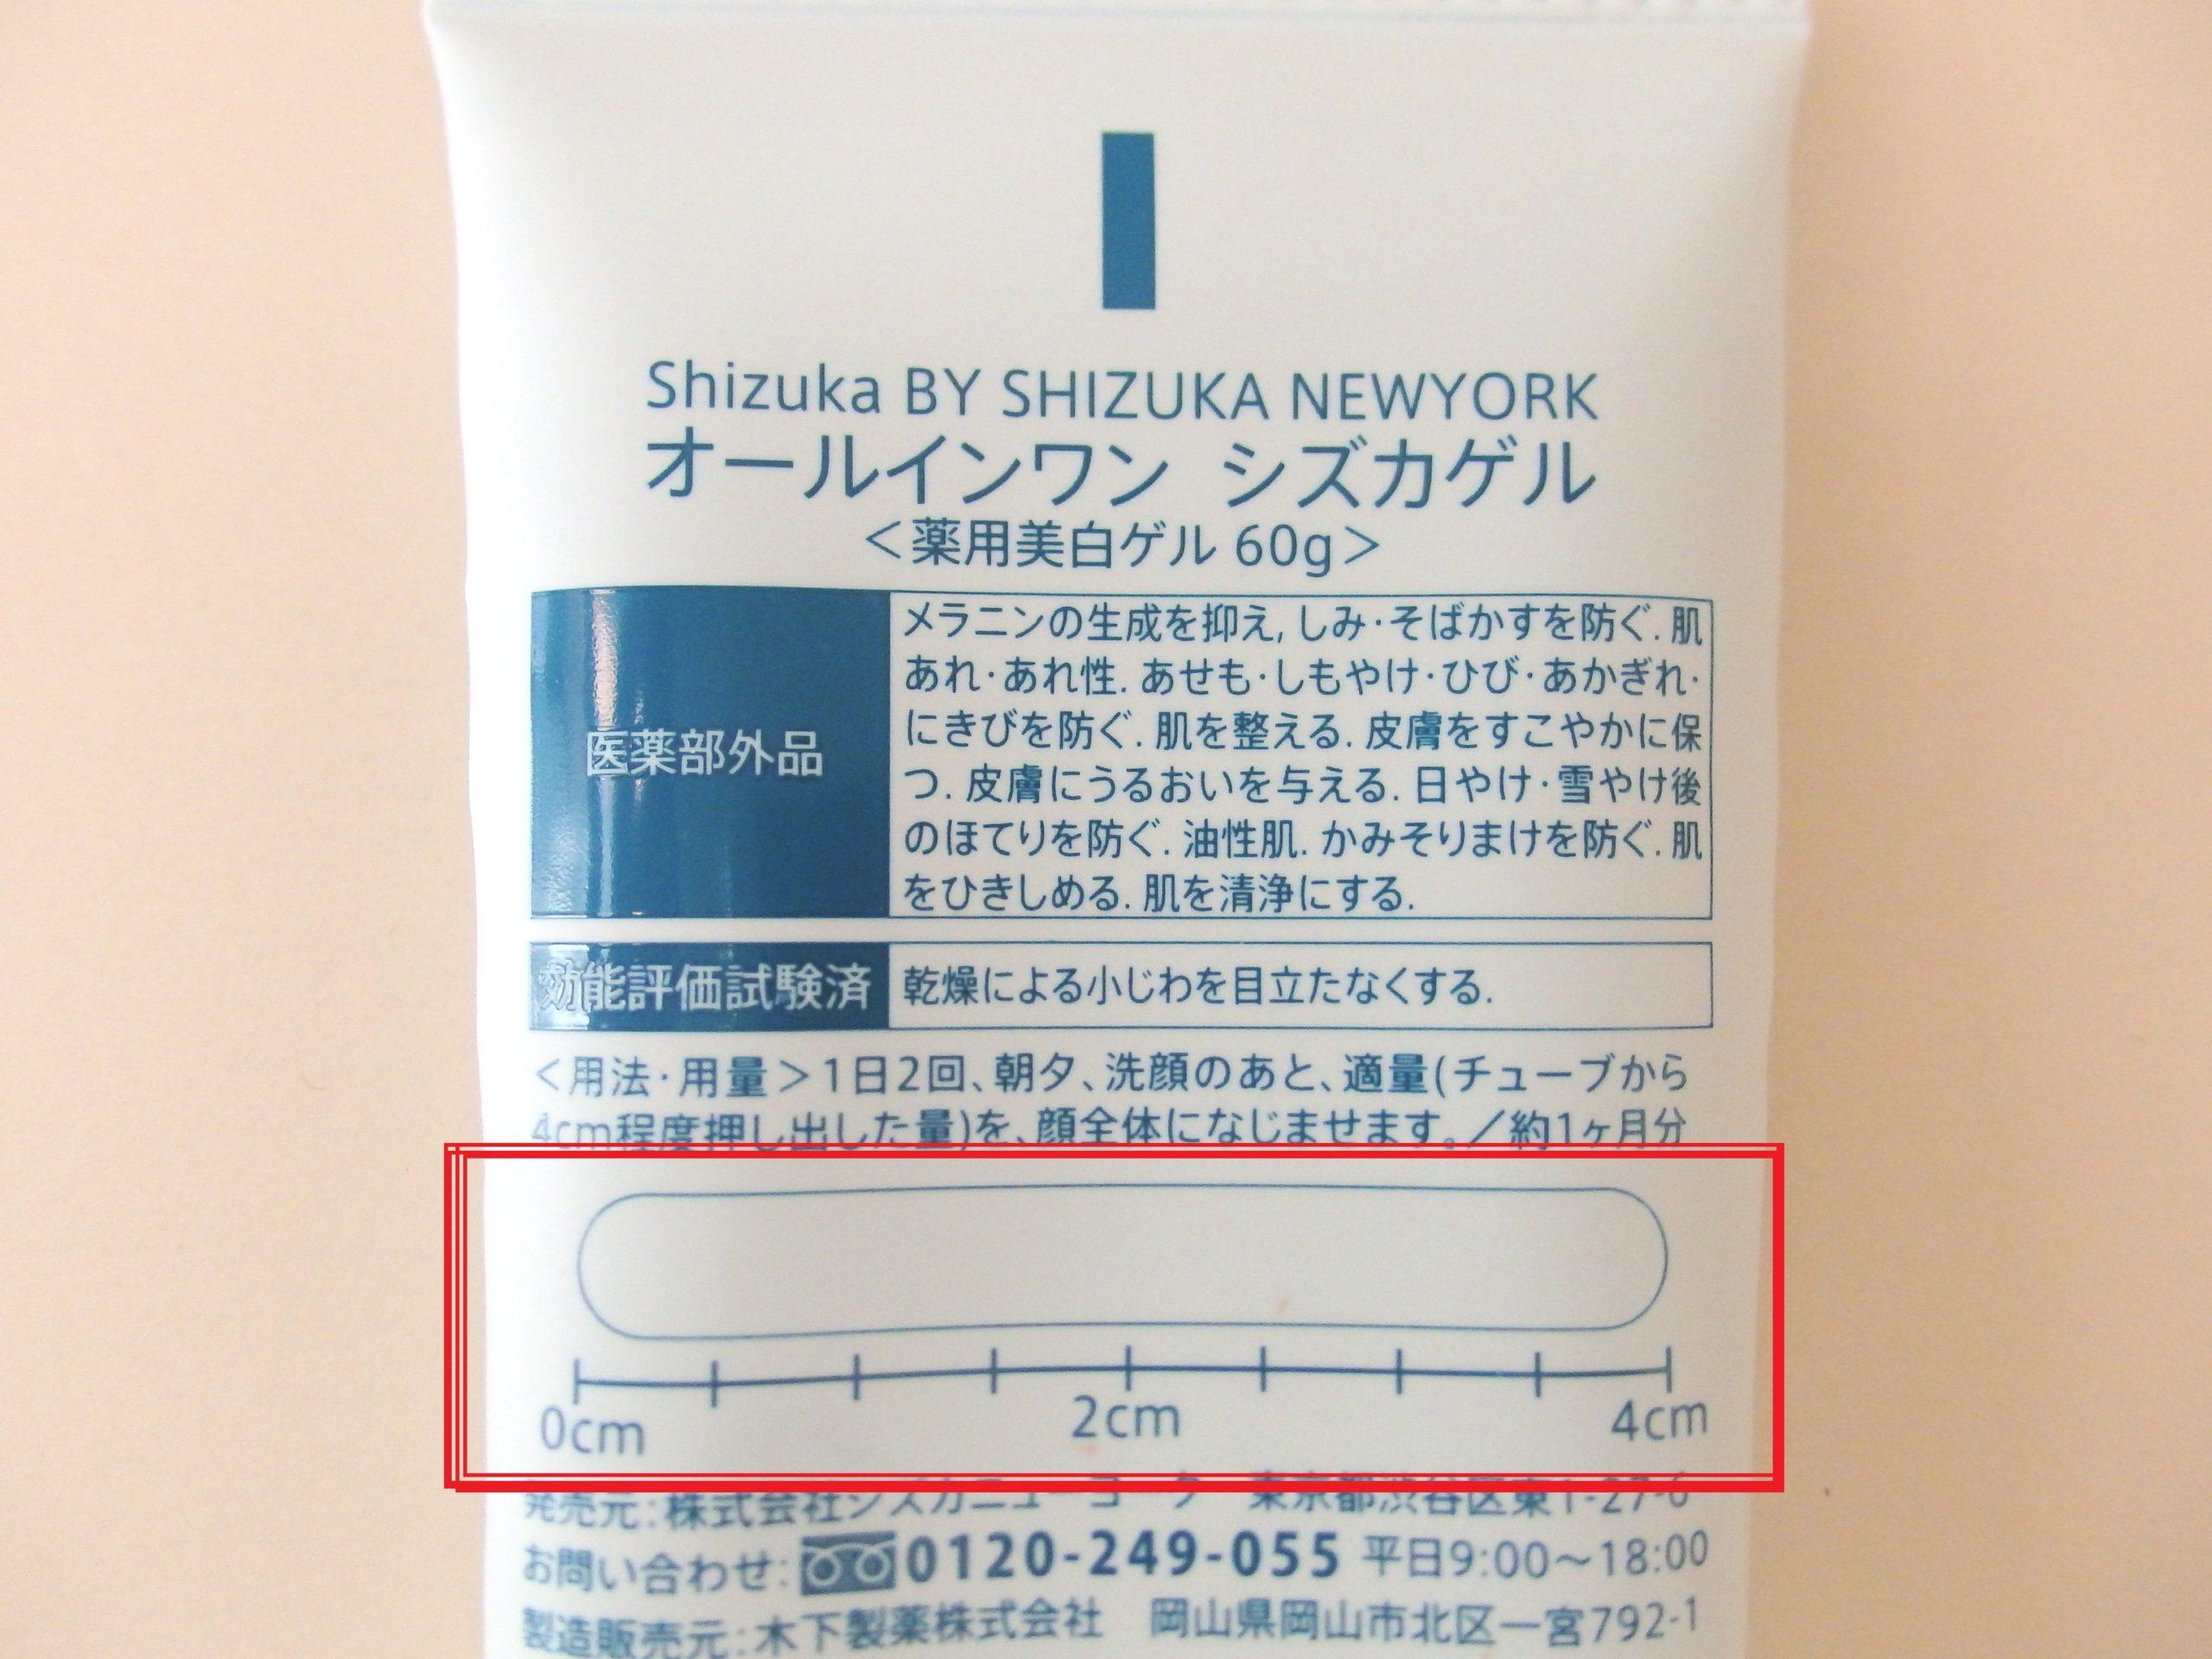 シズカゲル使用量の目安